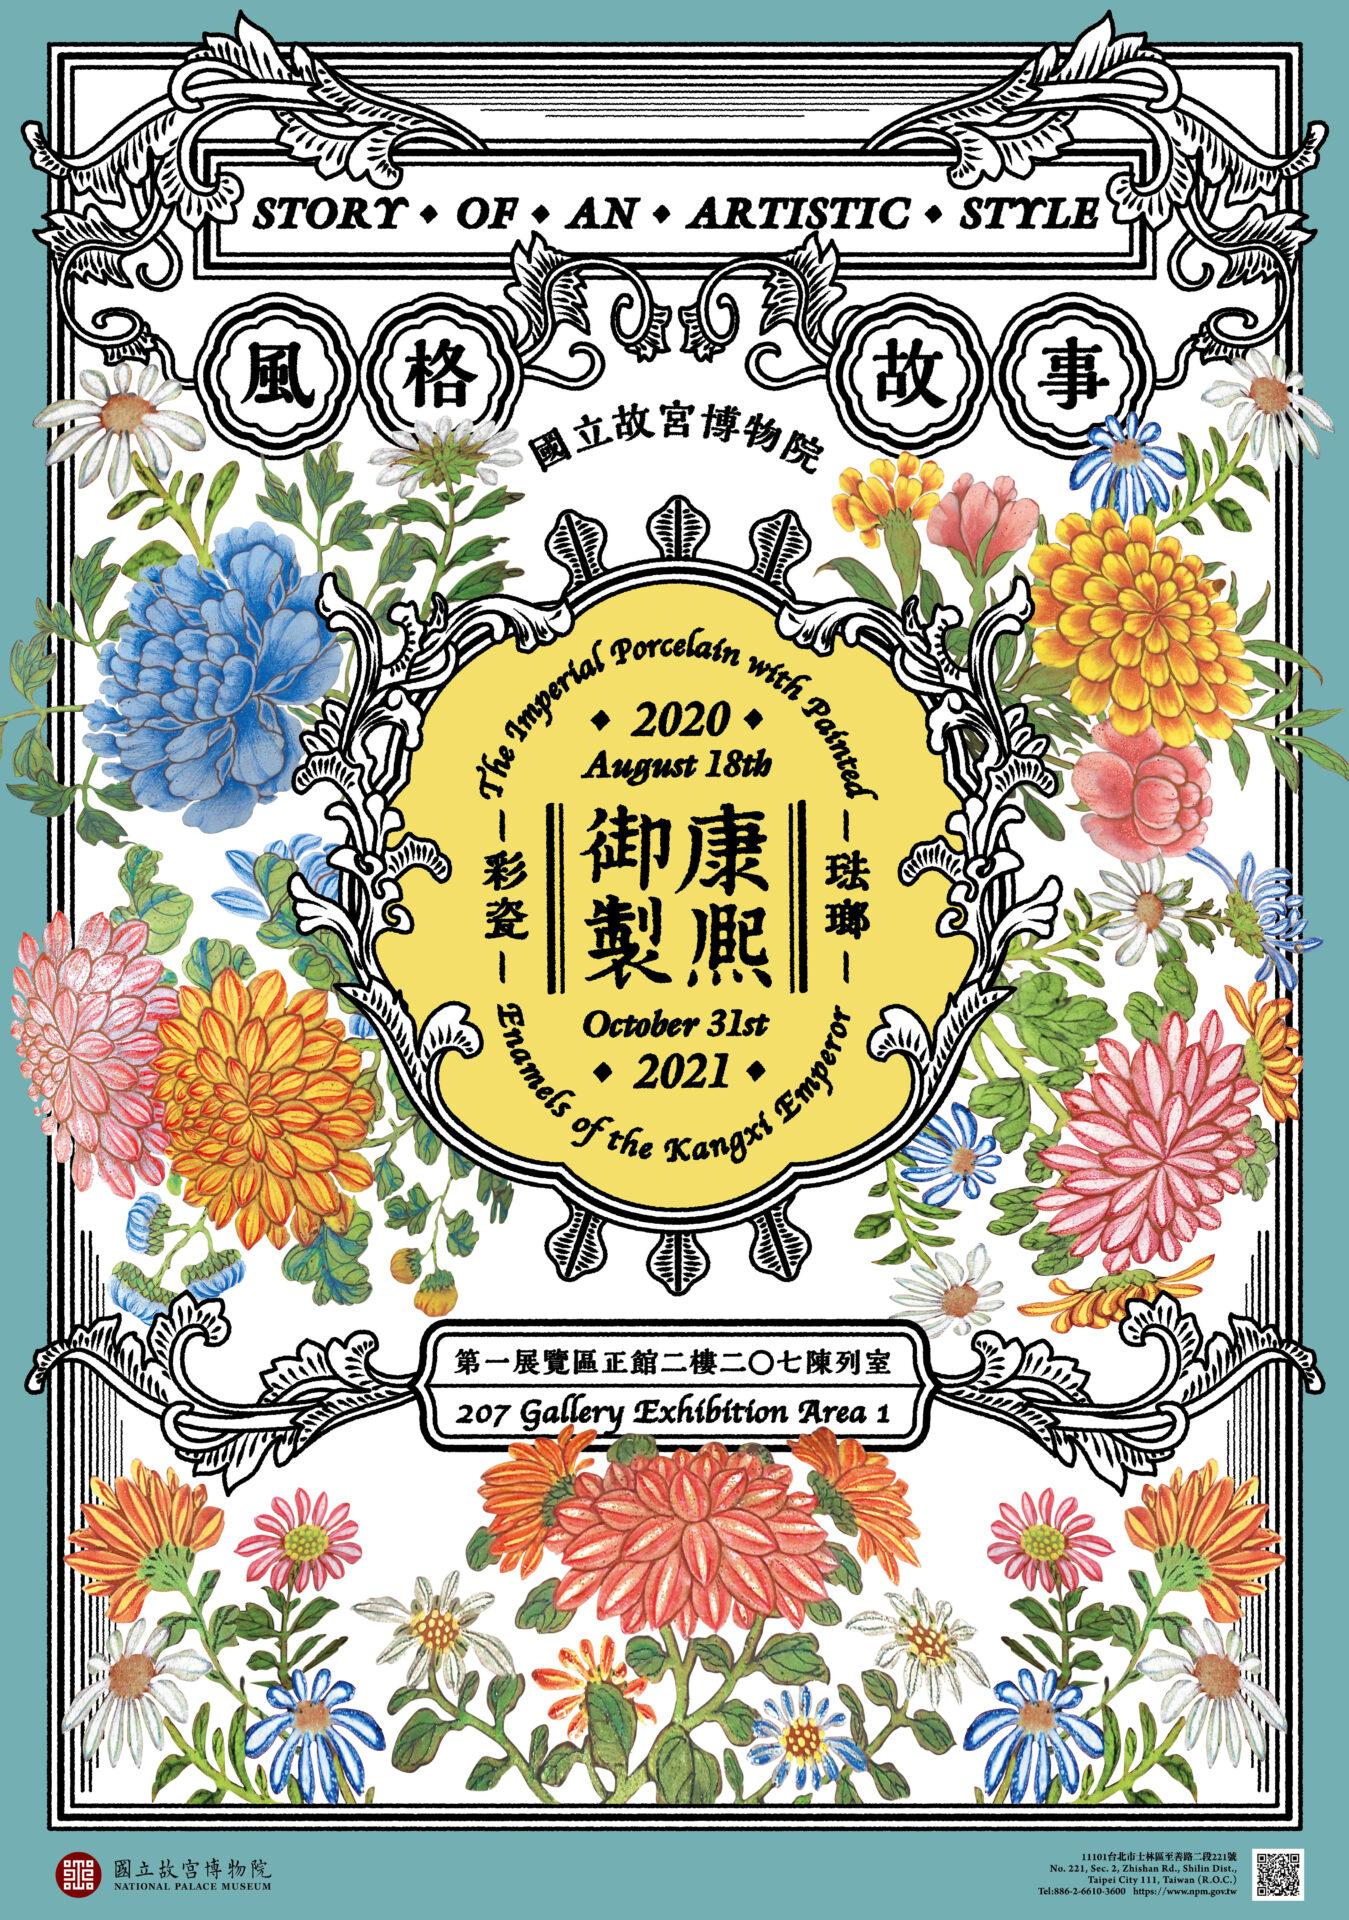 國立故宮博物院:2020/08/18起【風格故事—康熙御製琺瑯彩瓷特展】